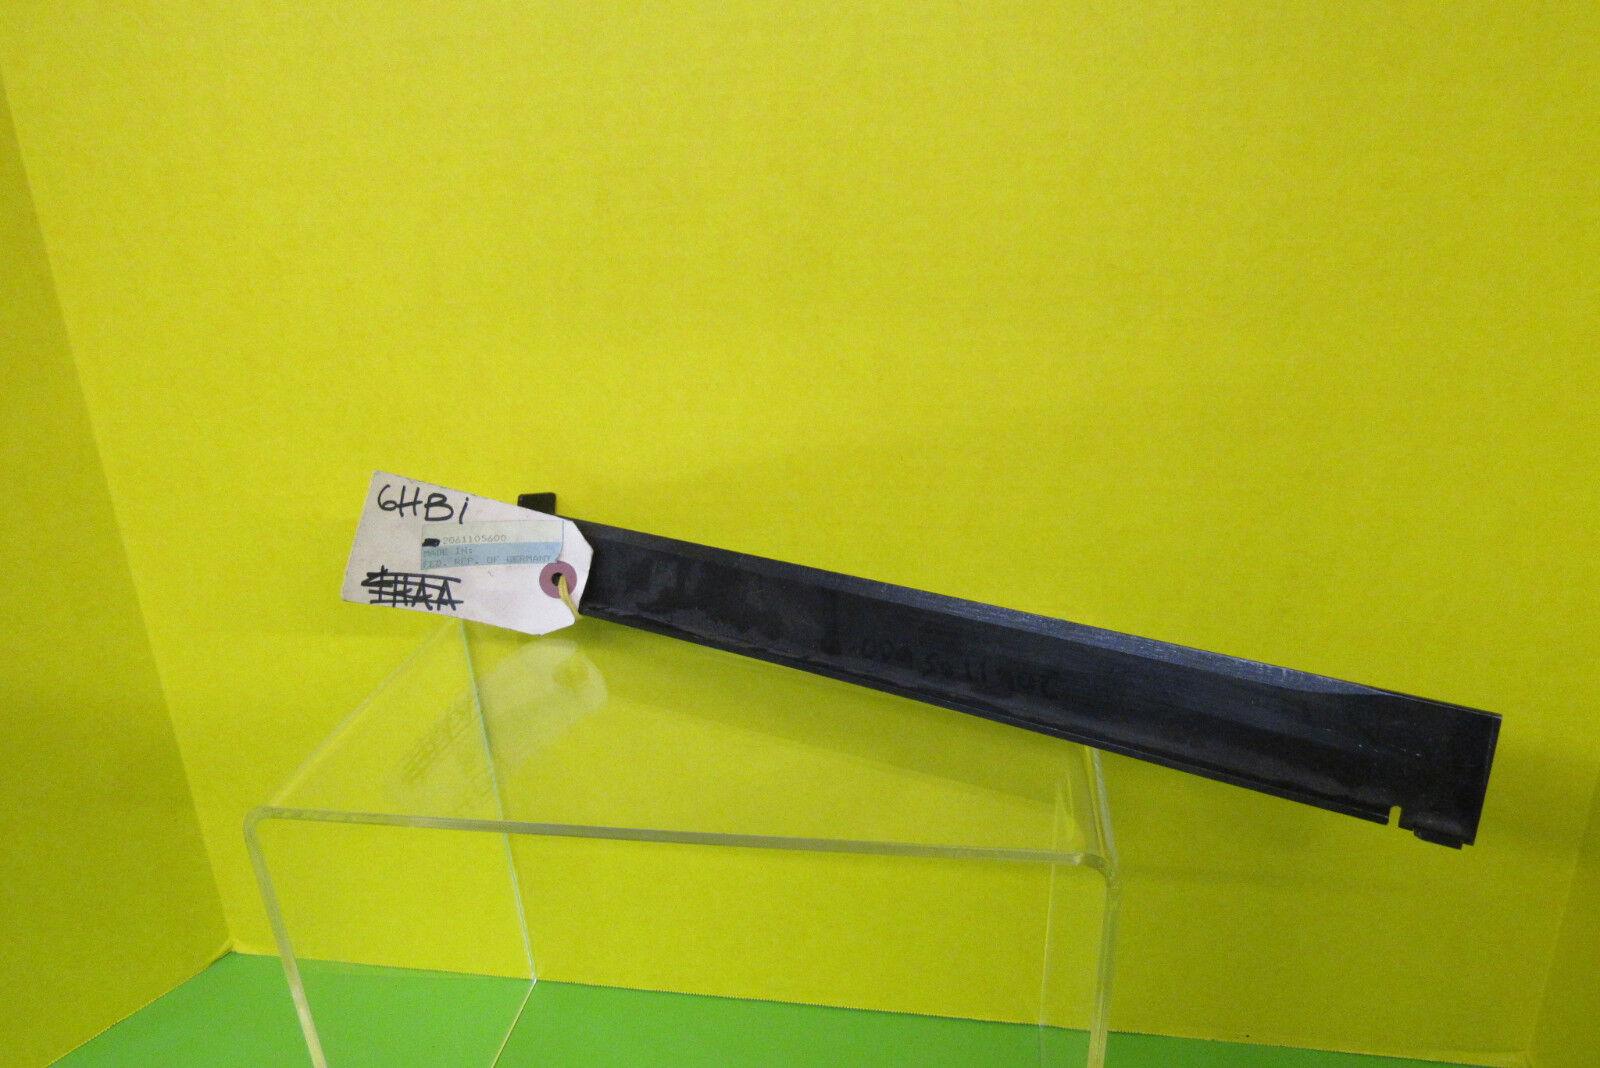 BEA 2061105600 Staple Carrier BOSTITCH BA-2061105600 BA-2061105600 BA-2061105600 for Stapler NEW(6HBI) 4619fa